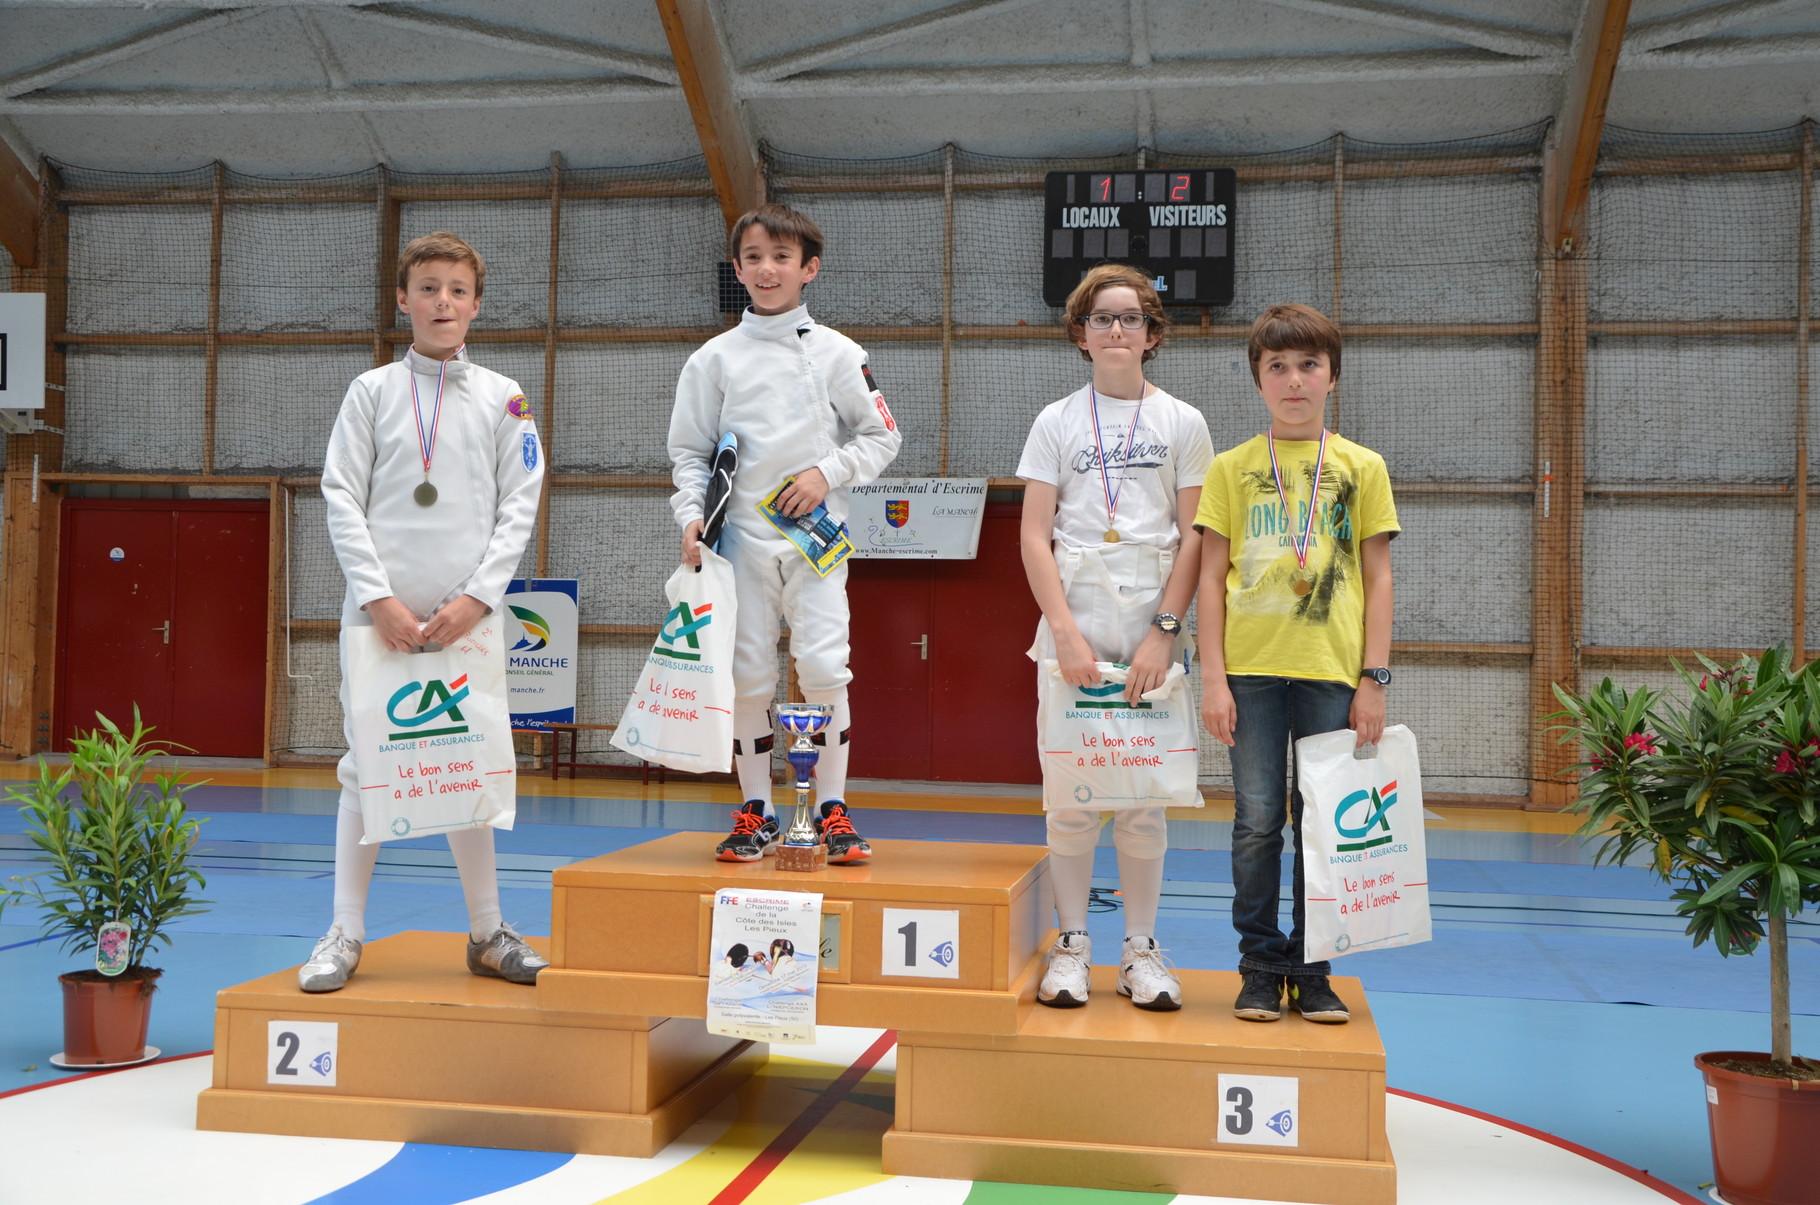 podium fleuret pupille. 3e ex-aequo LEMOINE Malo & SARTELET Rémi